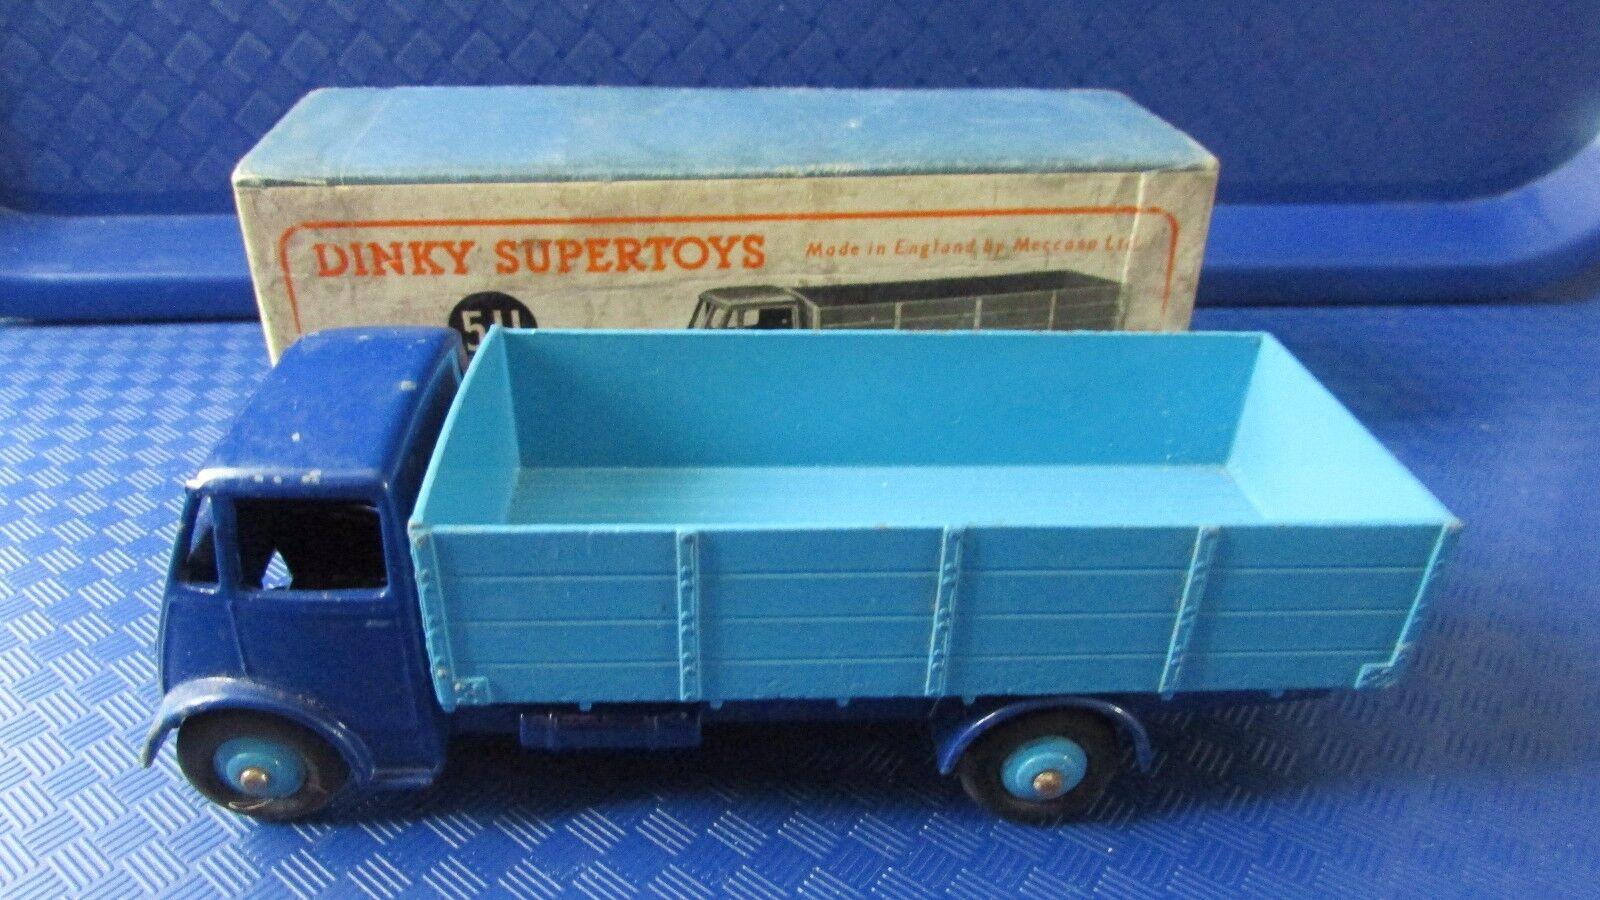 garanzia di credito DINKY 511 Ragazzo 4 4 4 TON primo tipo taxi con scatola originale.  basta comprarlo